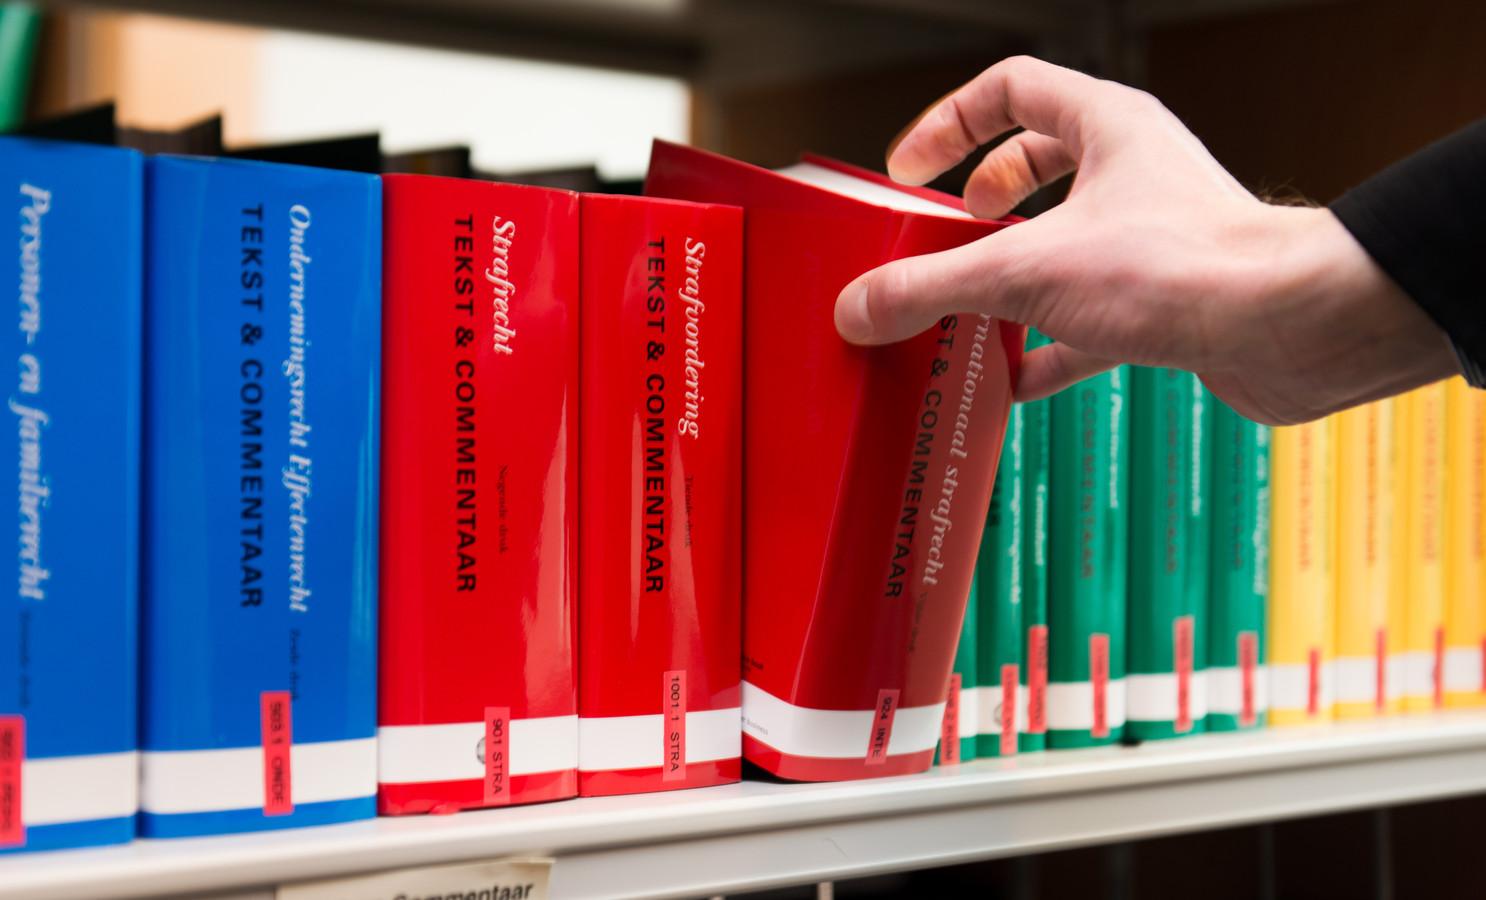 Zeeuwse strafrechtadvocaten draaien de eerste twee weken van januari geen piketdiensten.